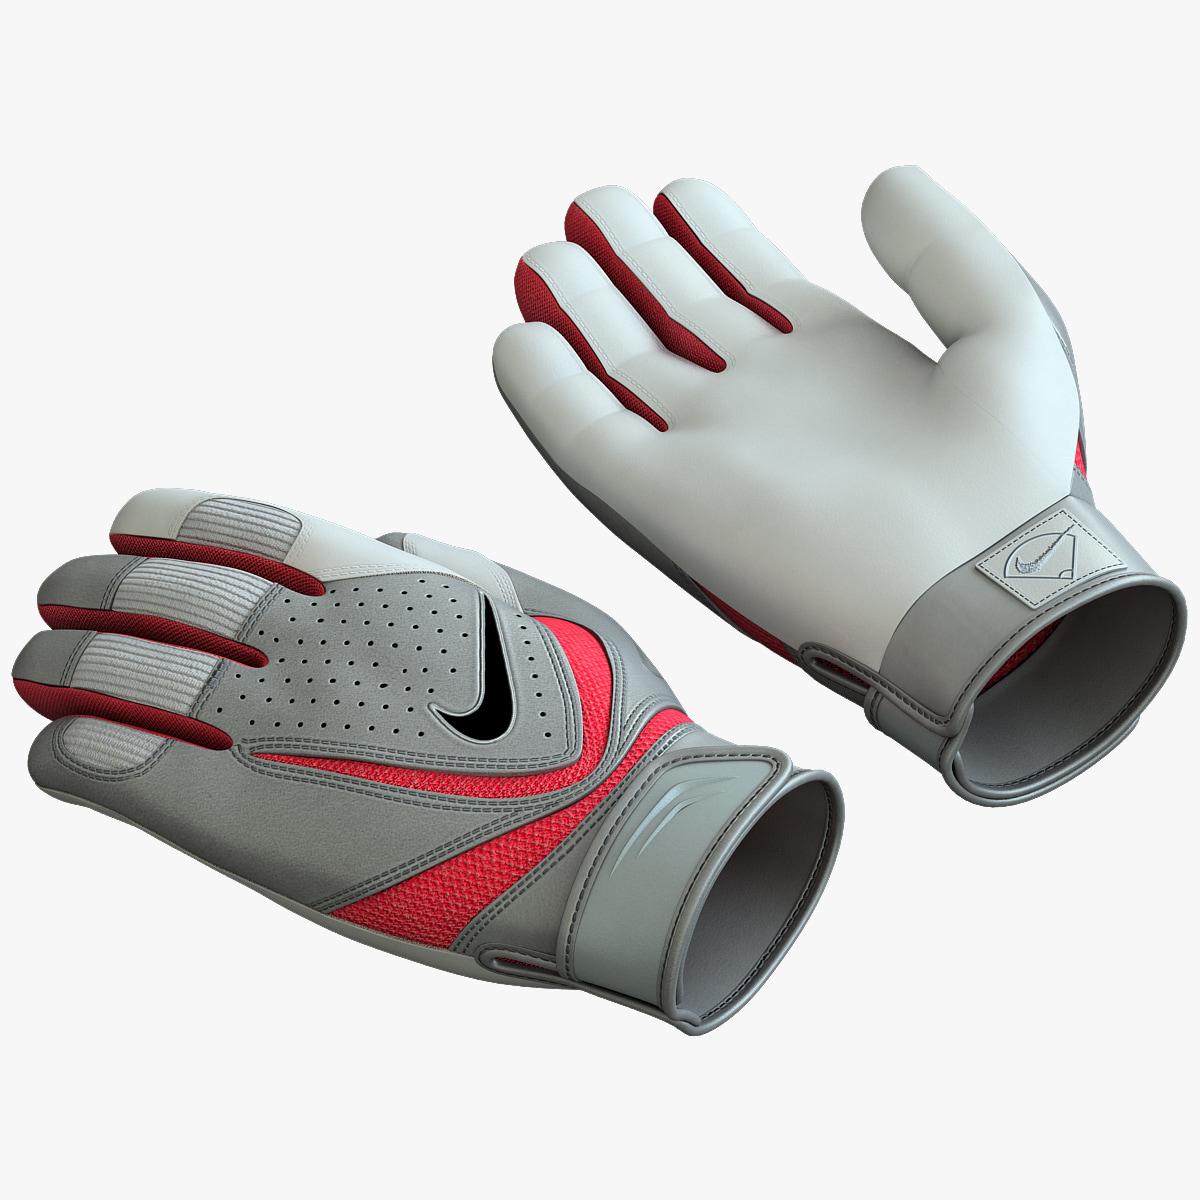 121520_Batting_Gloves_000.jpg